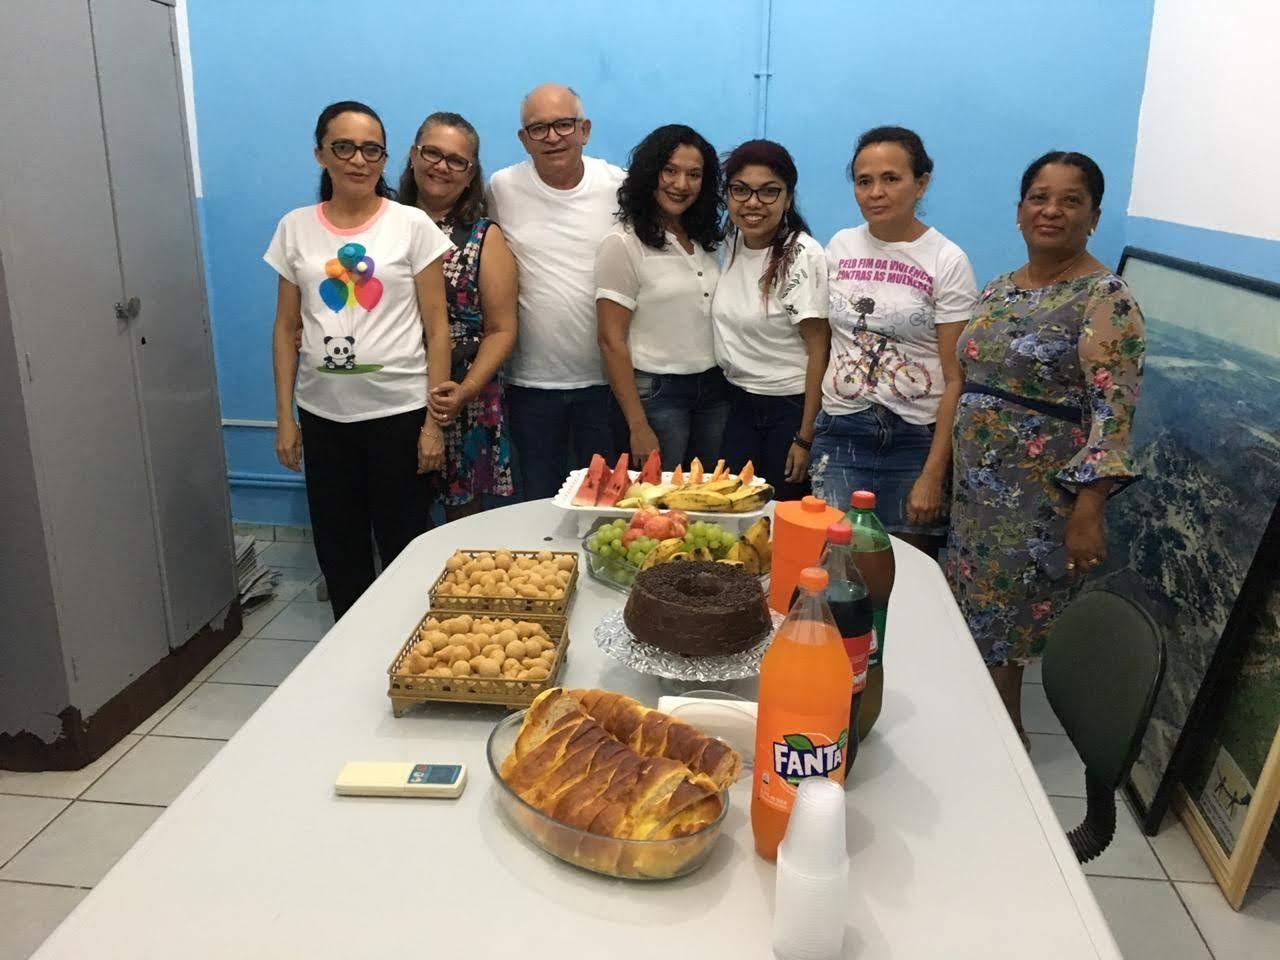 Jorge Oliveira presta homenagens para as mulheres pelo Dia 8 de Março